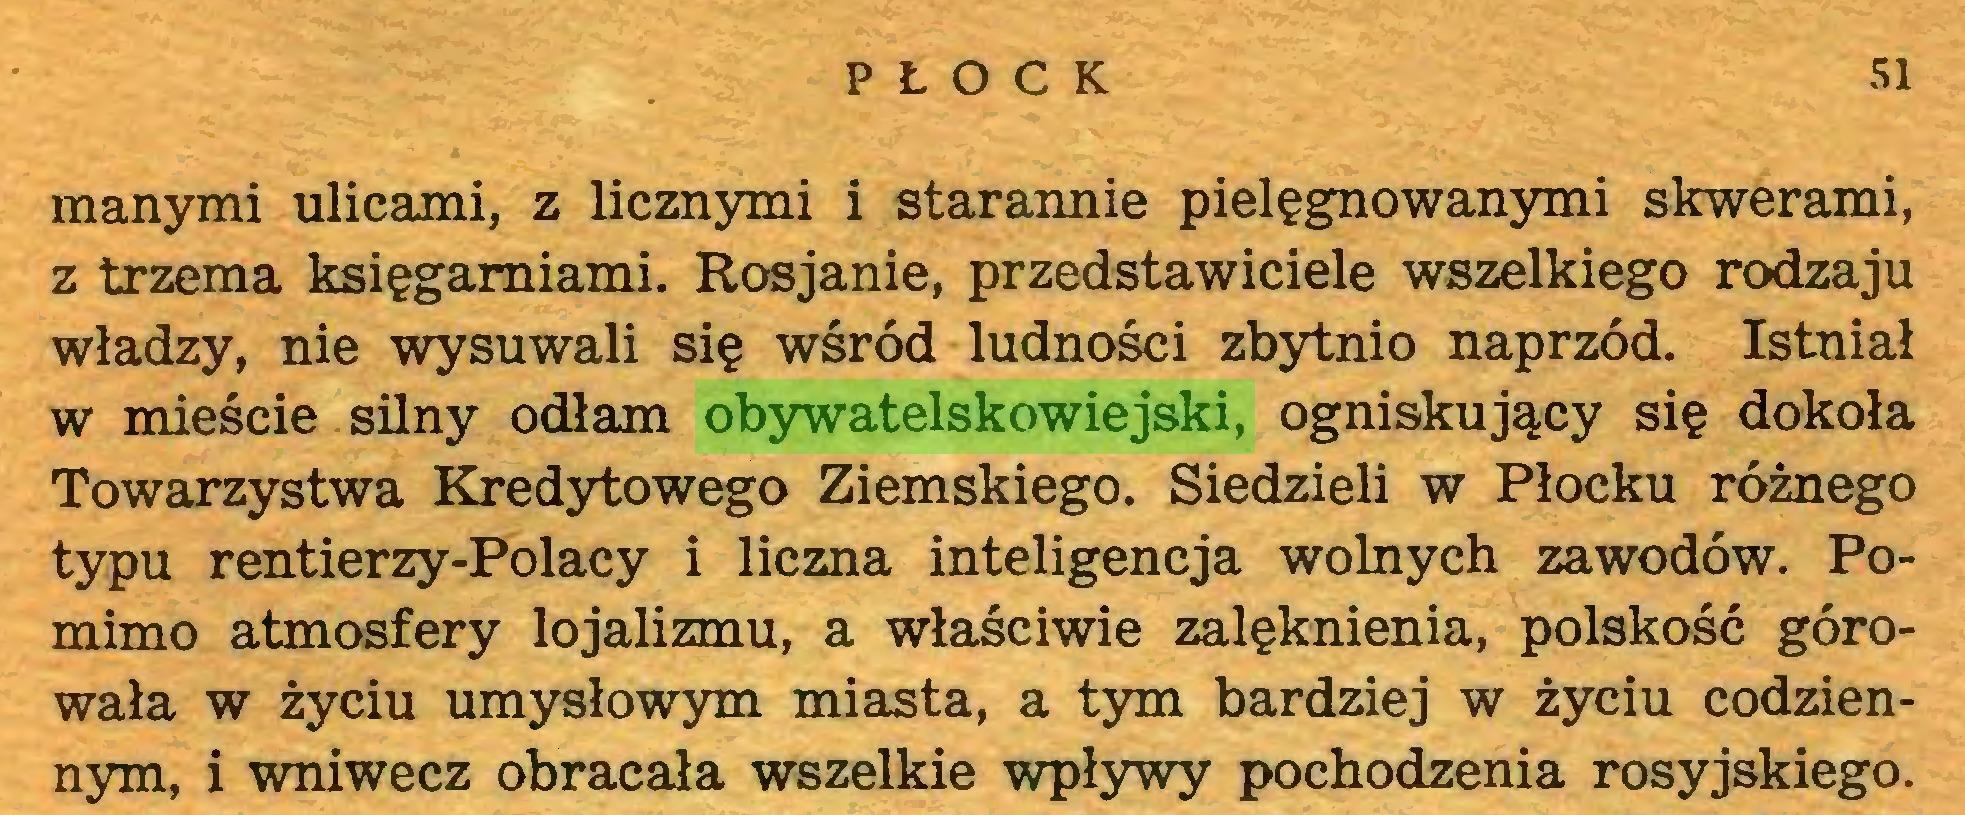 (...) PŁOCK 51 manymi ulicami, z licznymi i starannie pielęgnowanymi skwerami, z trzema księgarniami. Rosjanie, przedstawiciele wszelkiego rodzaju władzy, nie wysuwali się wśród ludności zbytnio naprzód. Istniał w mieście silny odłam obywatelskowiejski, ogniskujący się dokoła Towarzystwa Kredytowego Ziemskiego. Siedzieli w Płocku różnego typu rentierzy-Polacy i liczna inteligencja wolnych zawodów. Pomimo atmosfery lojalizmu, a właściwie zalęknienia, polskość górowała w życiu umysłowym miasta, a tym bardziej w życiu codziennym, i wniwecz obracała wszelkie wpływy pochodzenia rosyjskiego...